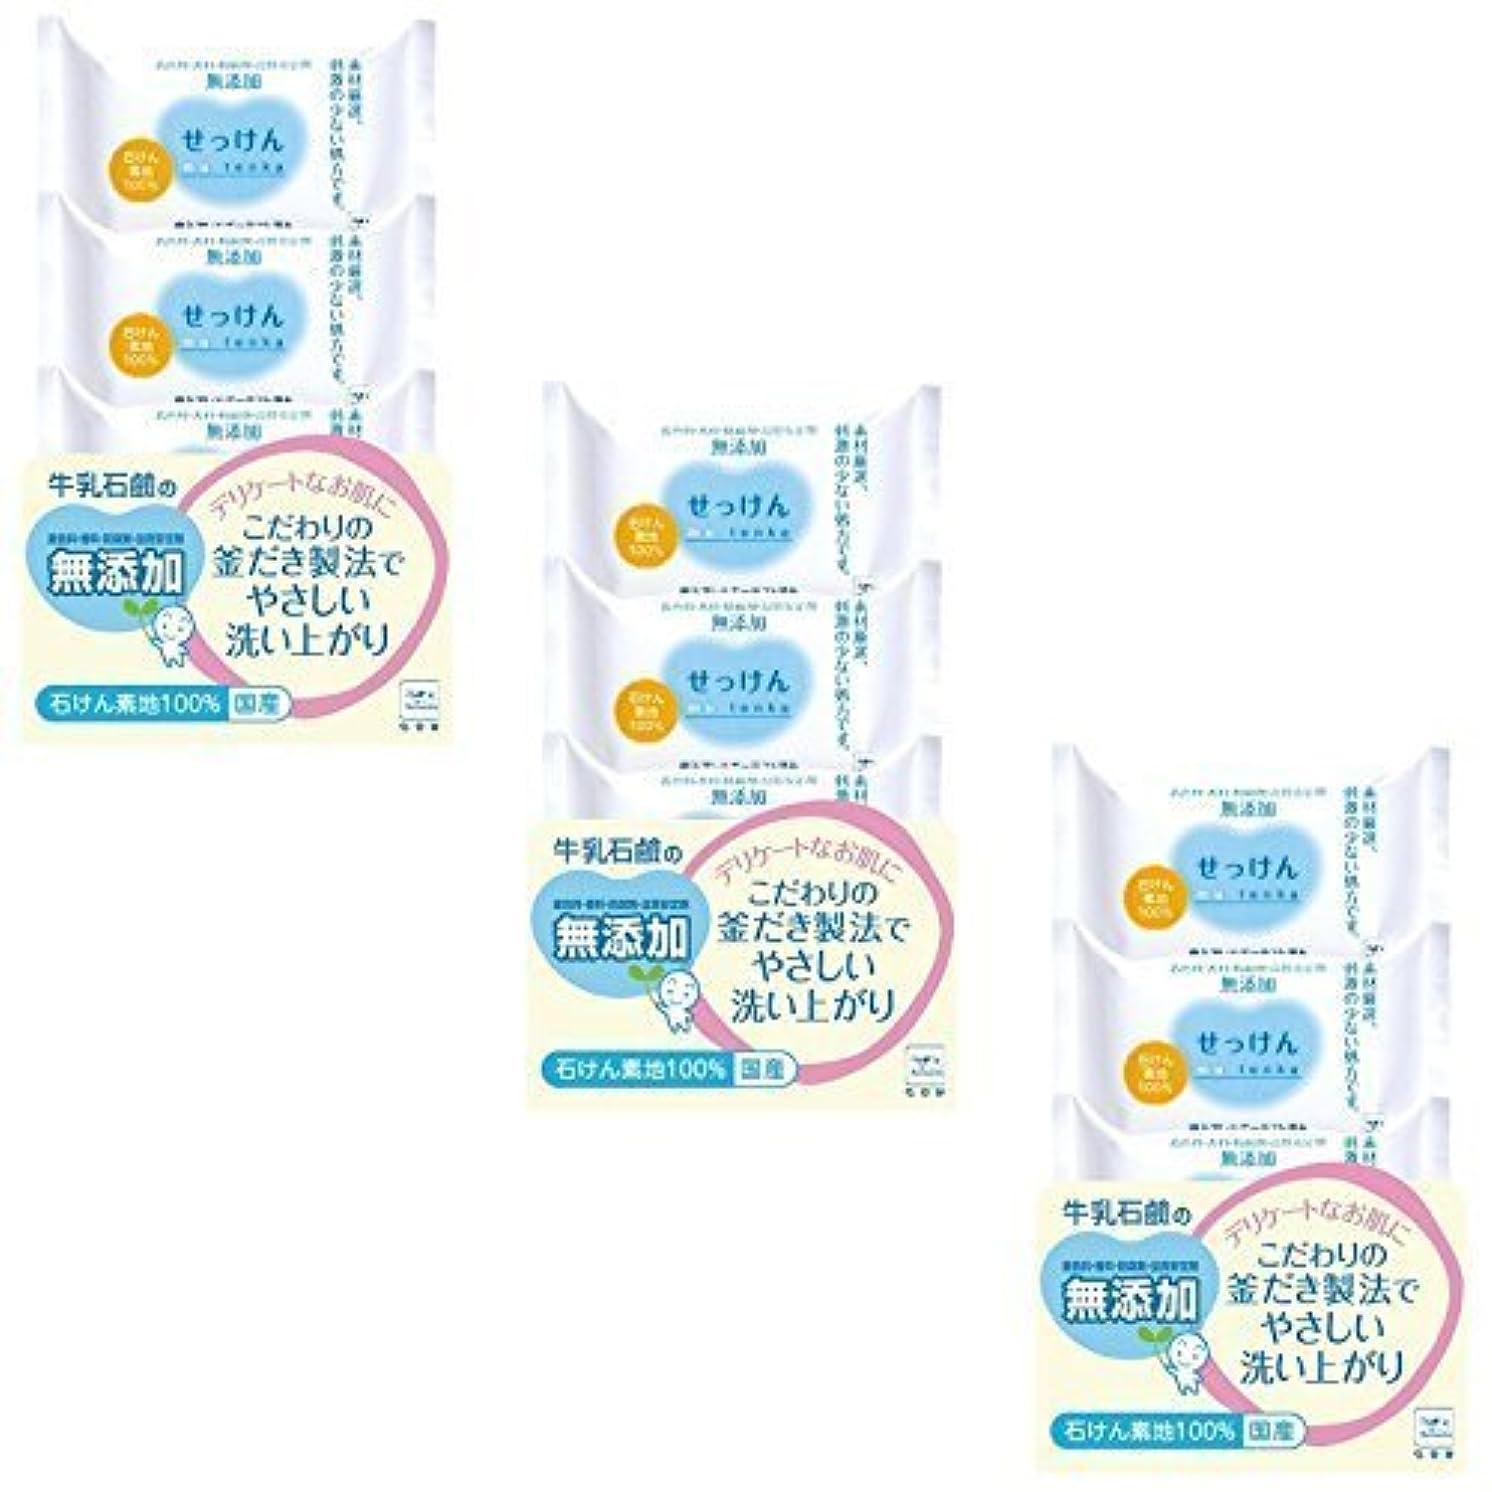 工業用トピックヘロイン【まとめ買い】カウブランド無添加せっけん3個パック(100g×3個)【×3セット】